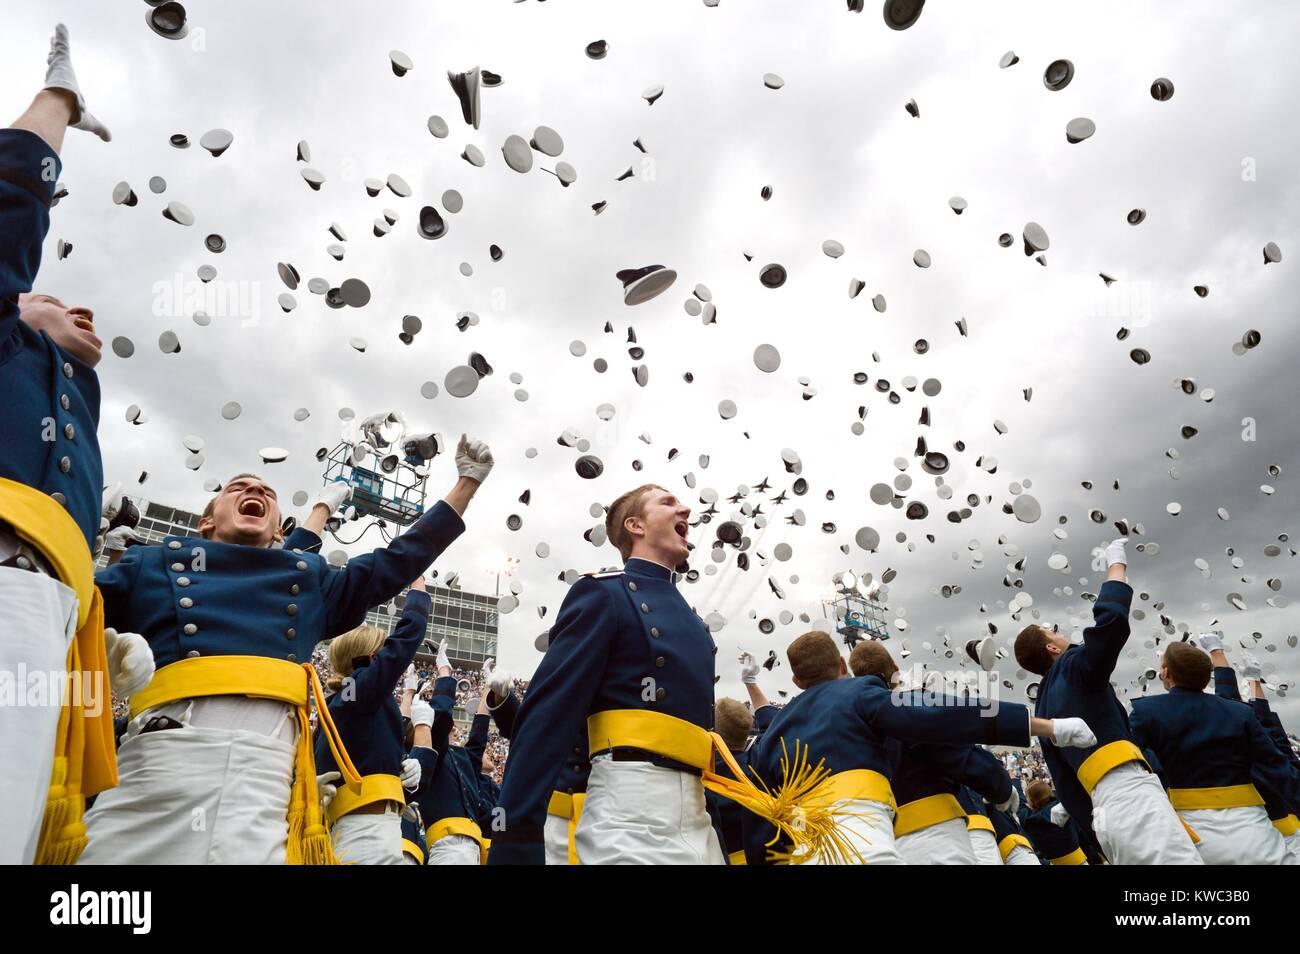 Kadetten feiern ihren Abschluss von der United States Air Force Academy, 23. Mai 2012. (BSLOC_2015_13_285) Stockbild